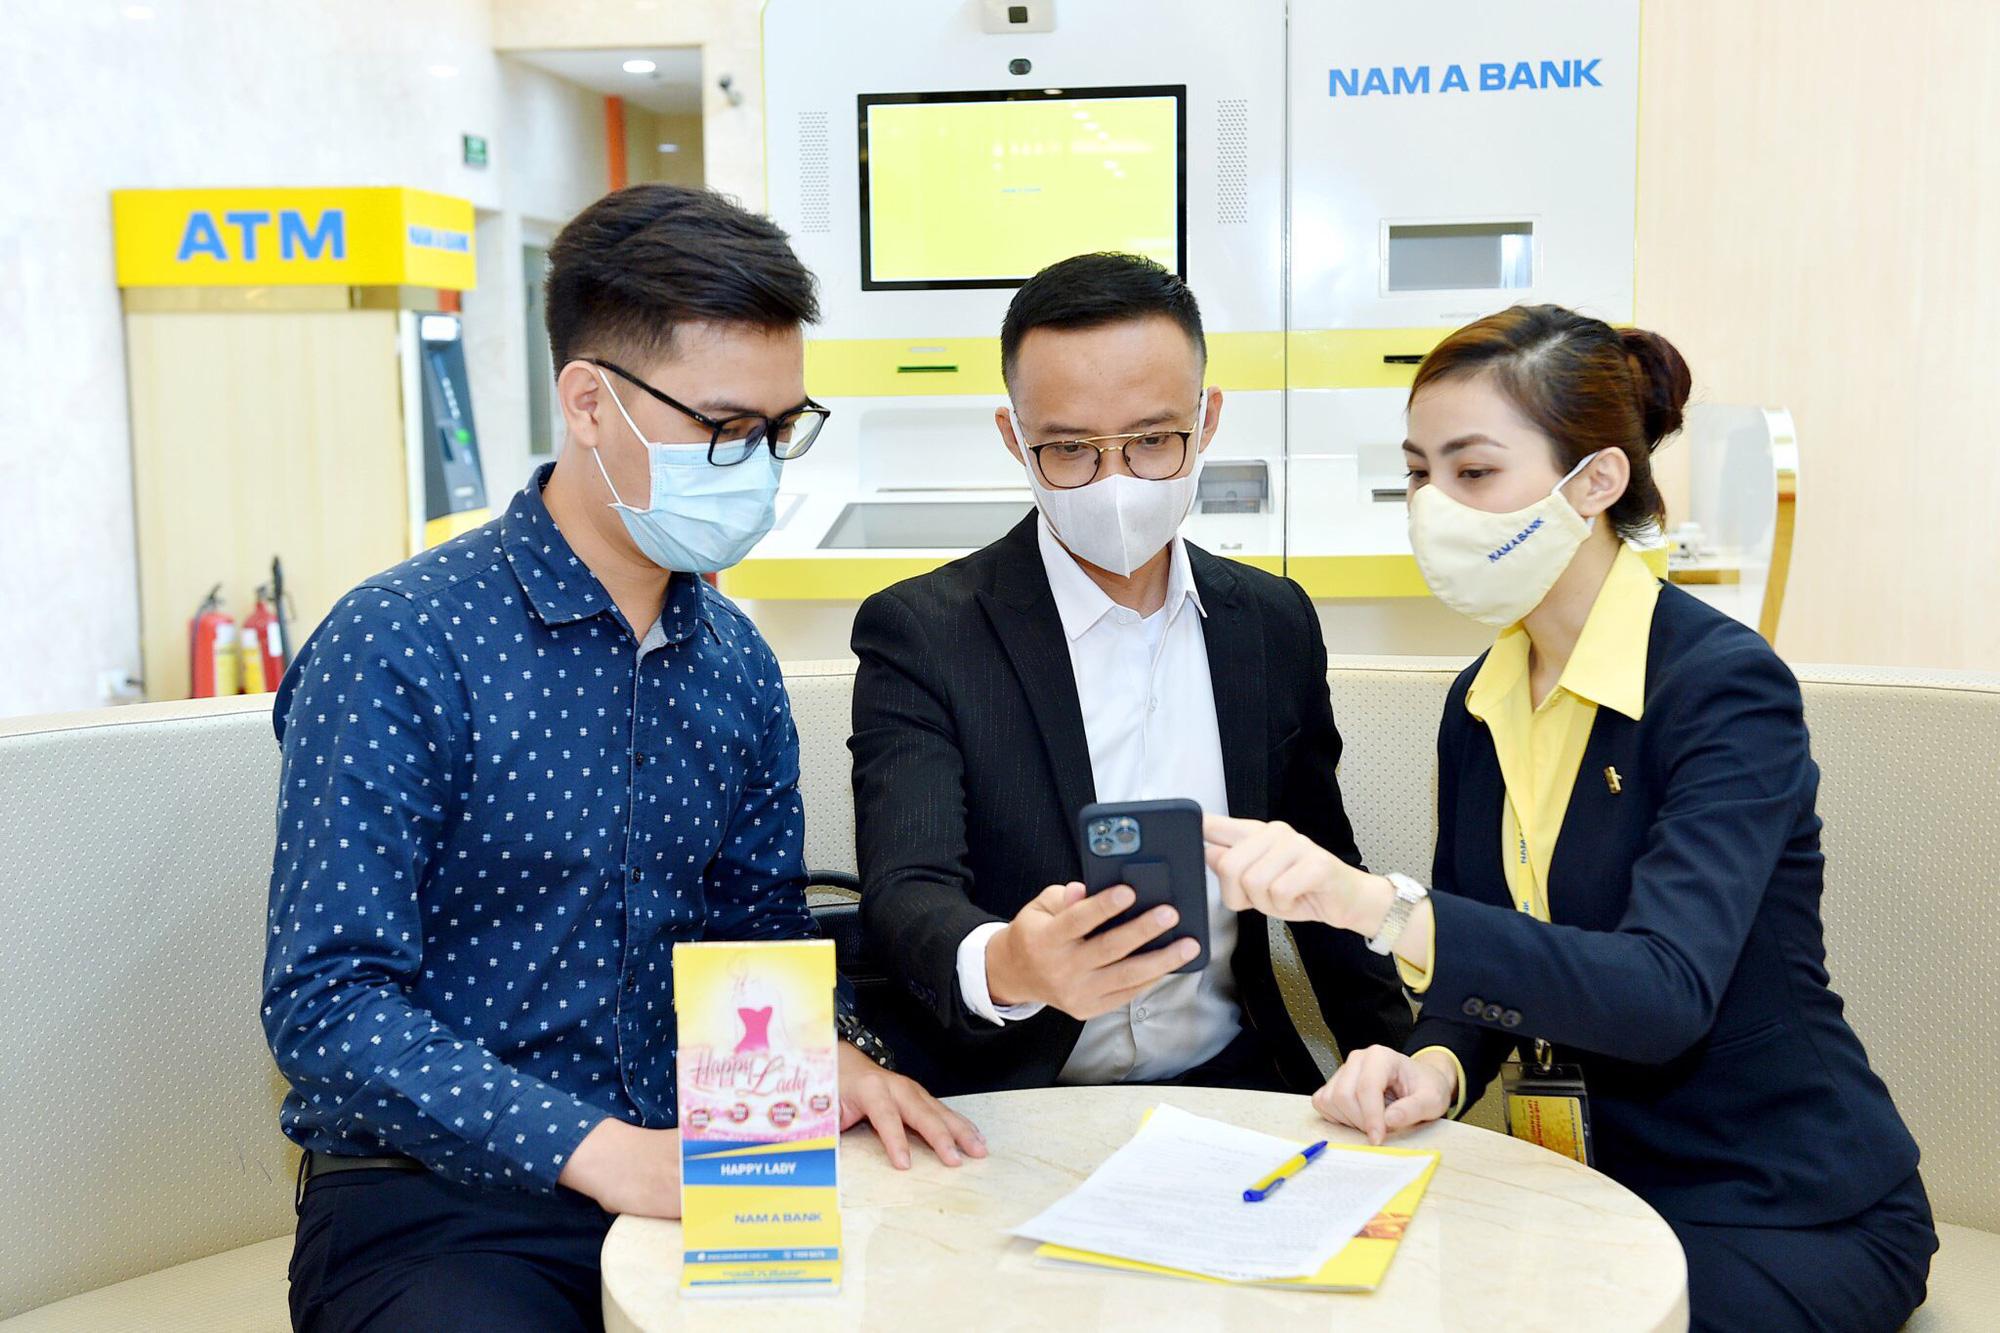 Nam A Bank - top ngân hàng Việt đầu tiên chuyển khoản nhanh NAPAS 247 bằng mã QR - Ảnh 1.